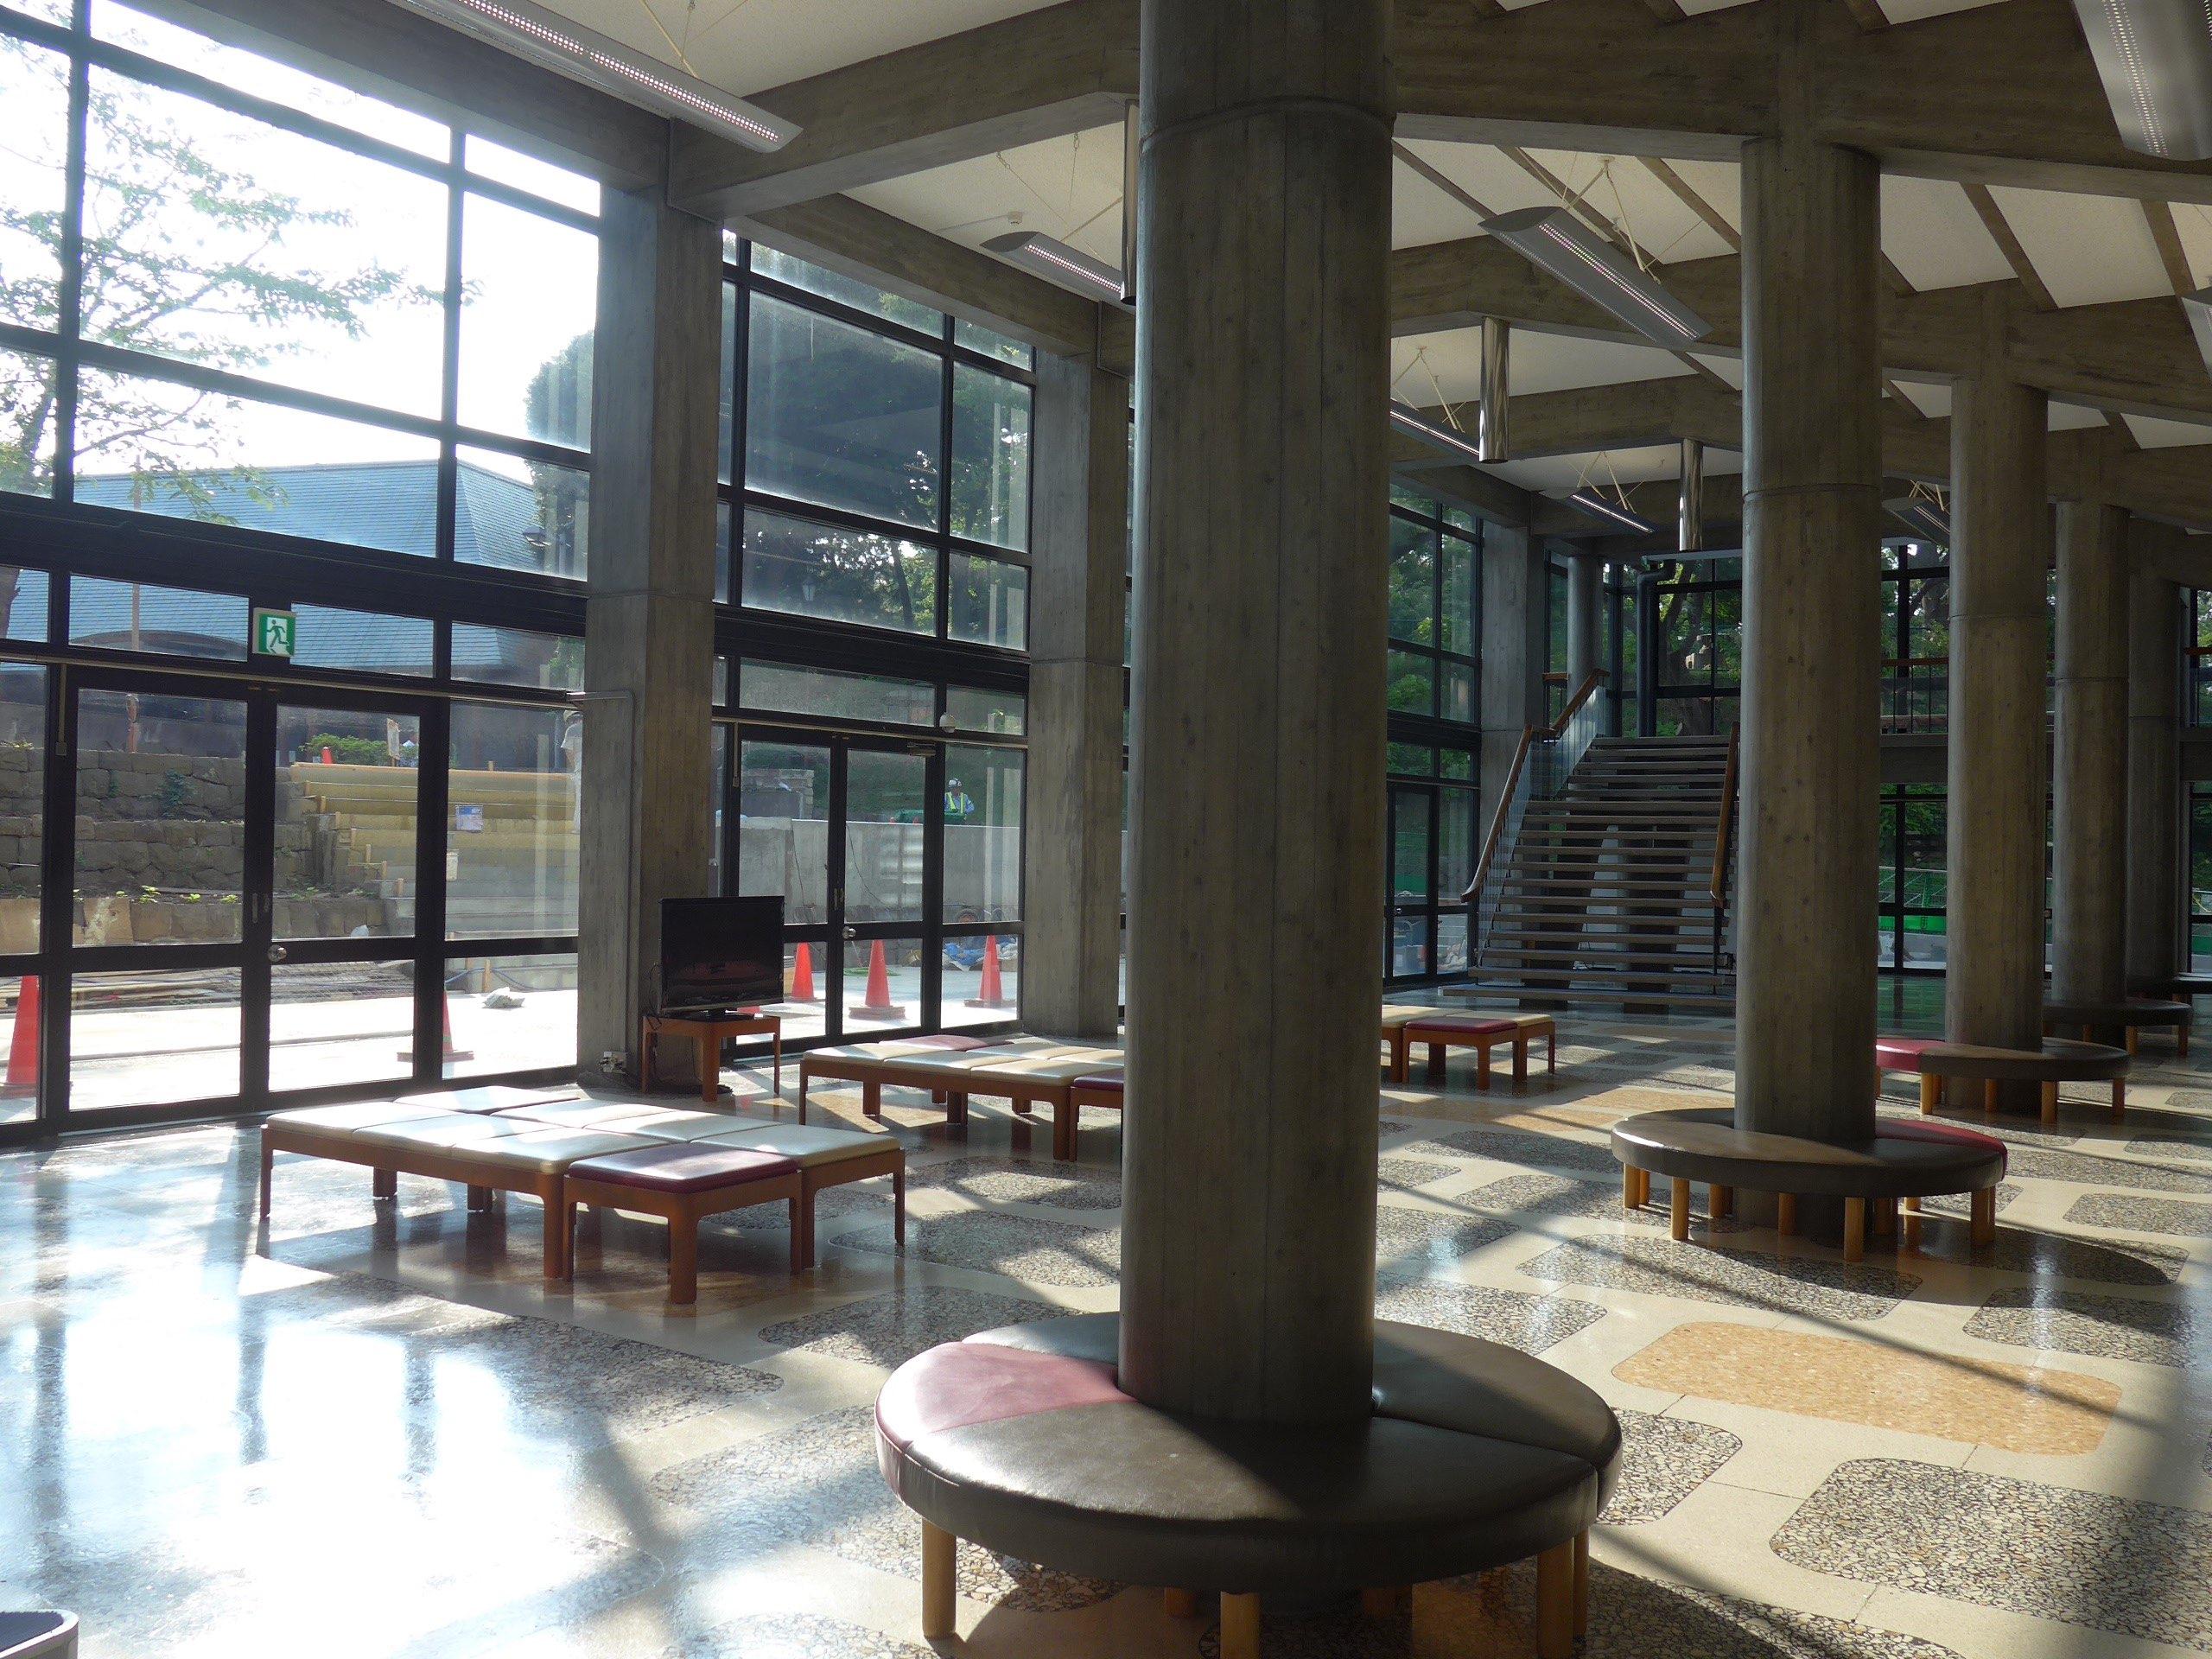 好听!好看!在县立音乐厅欣赏前川建筑的现代主义